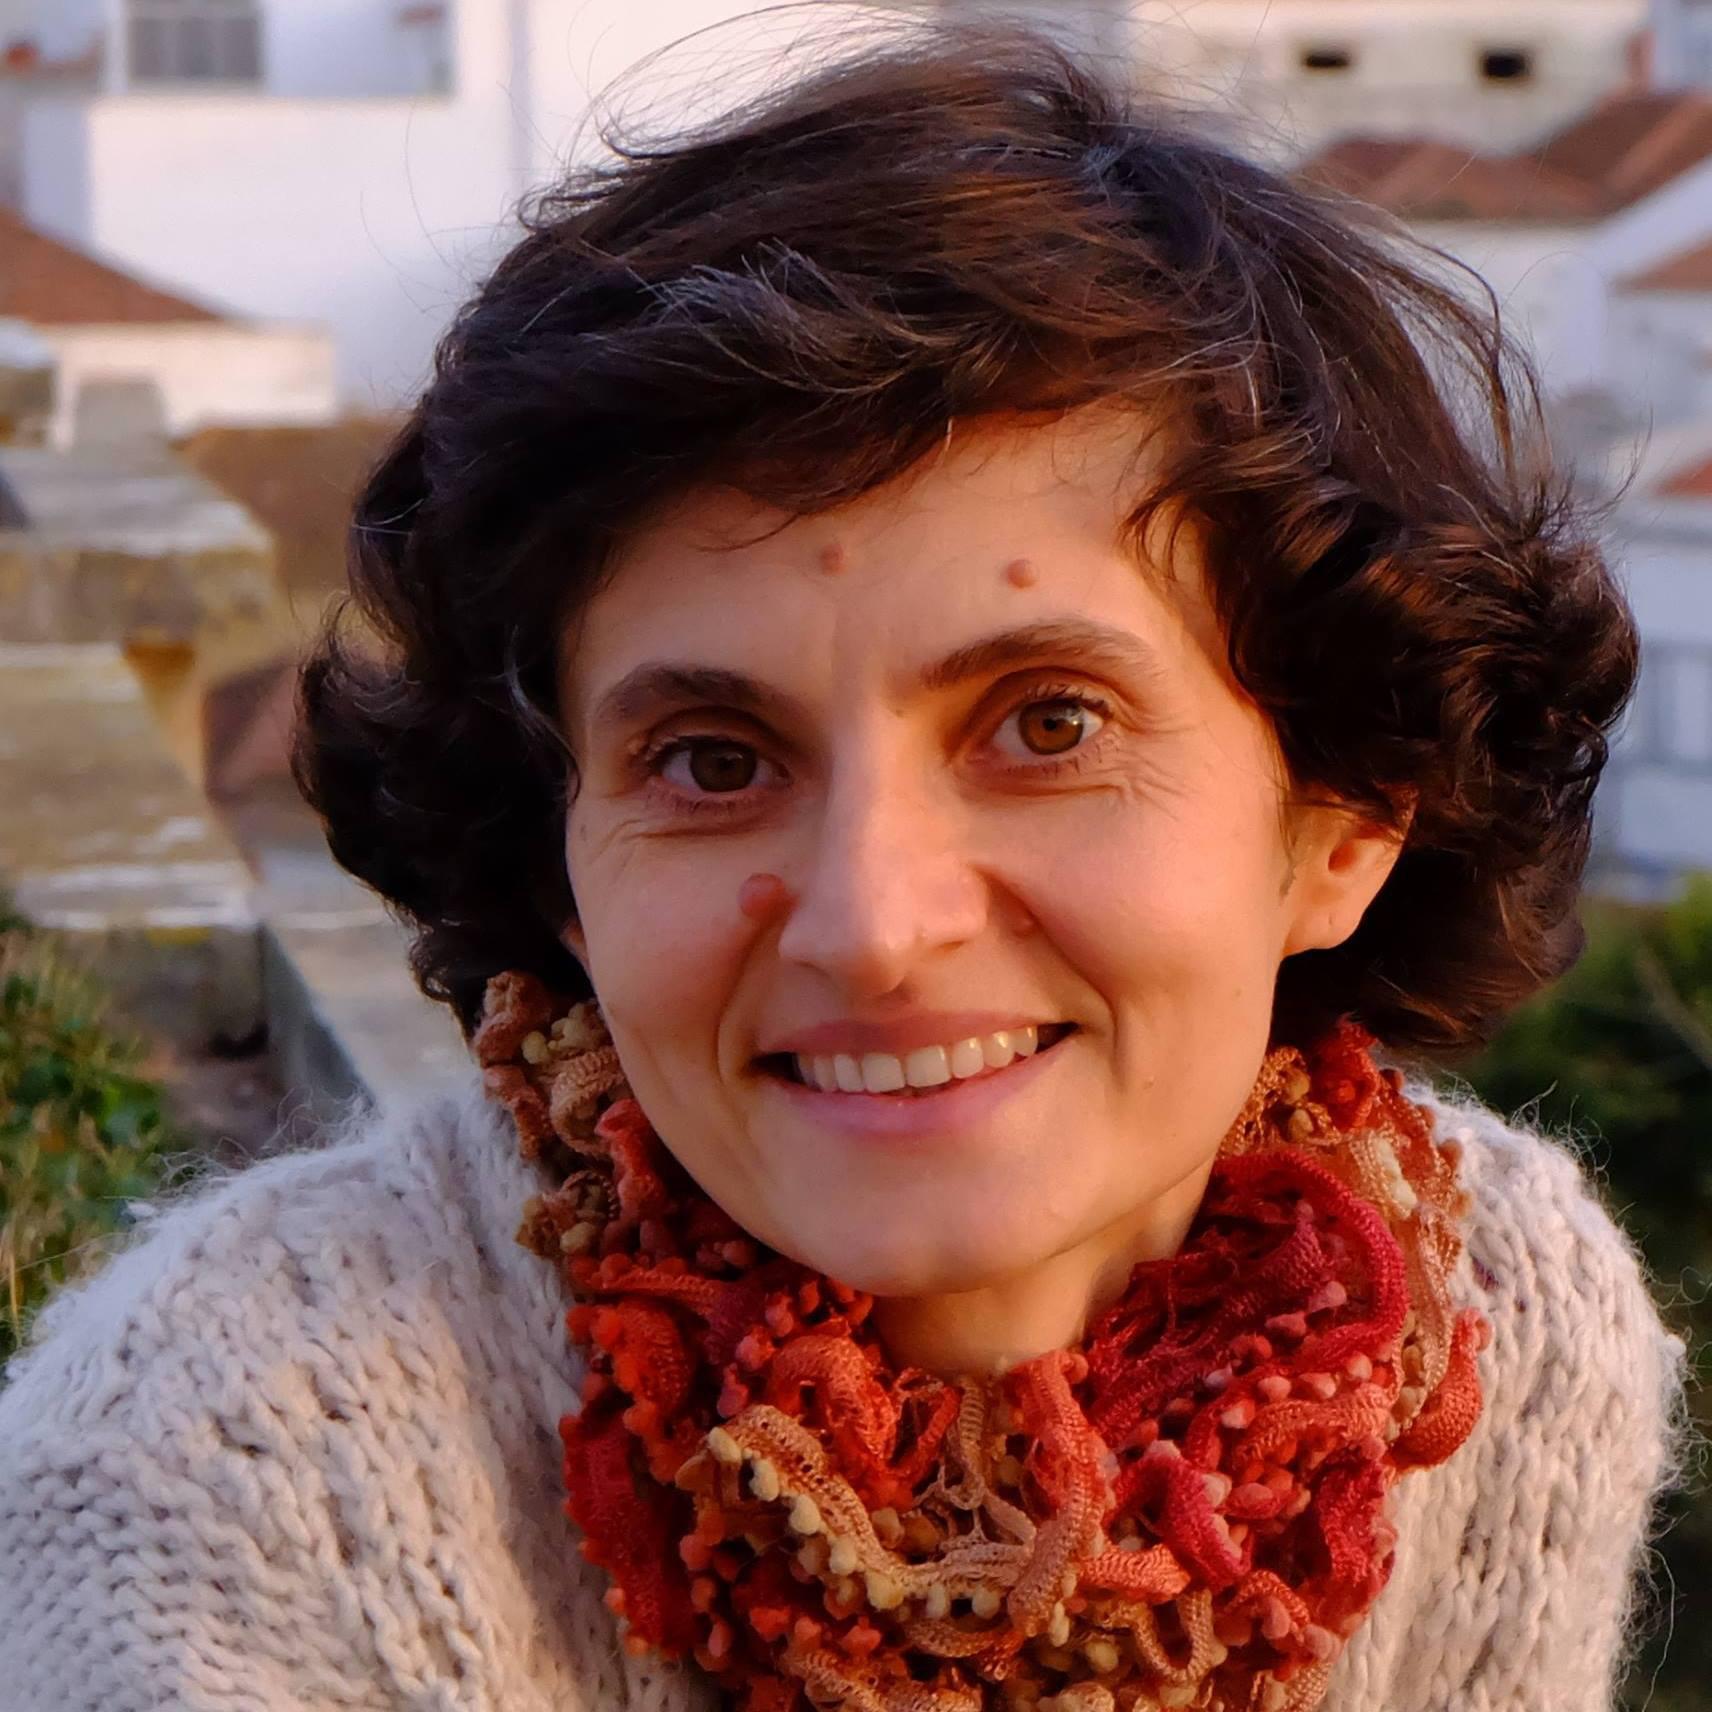 Aleksandra Ewa Berg